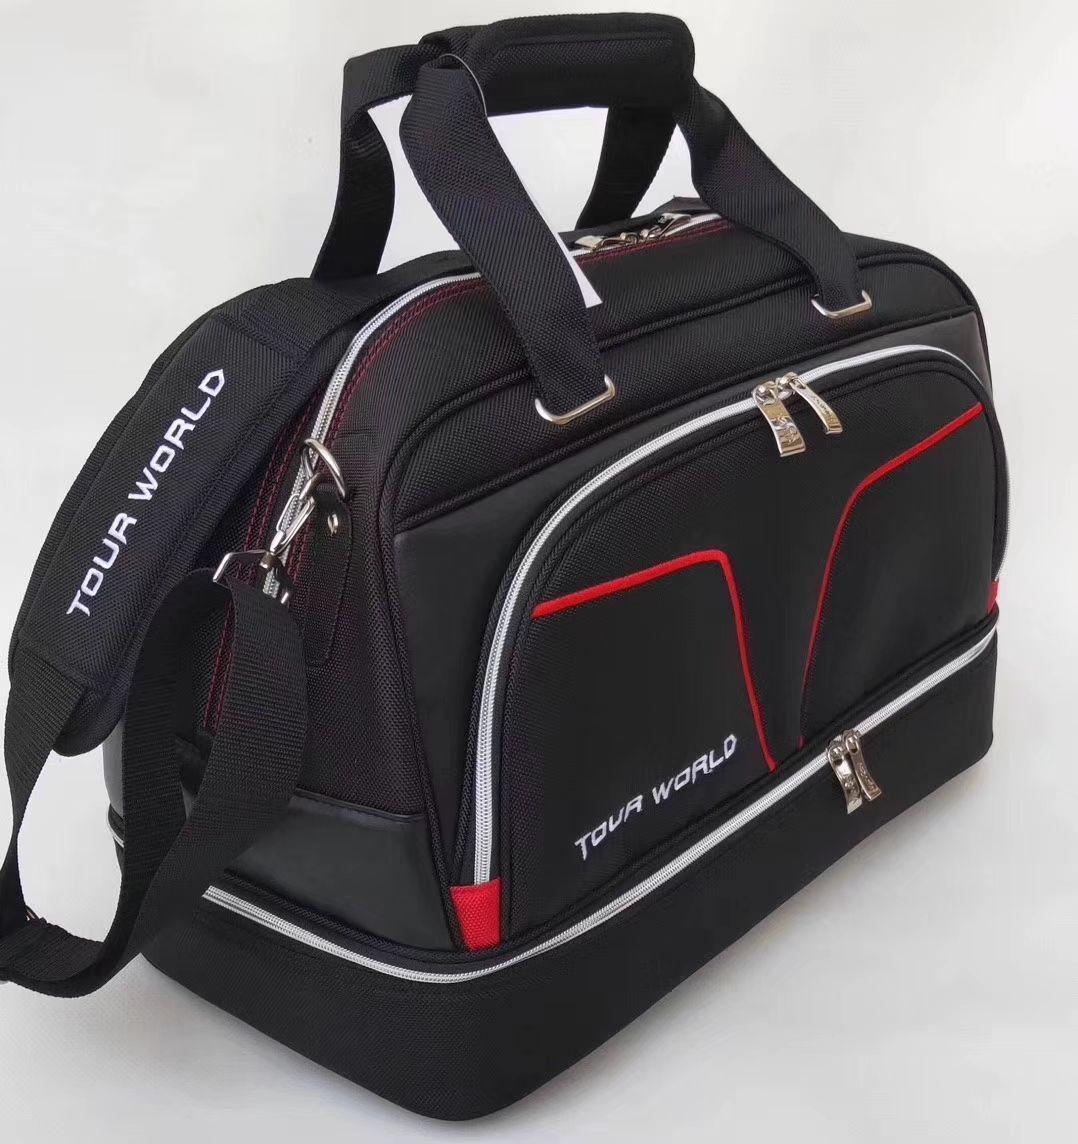 HONMA جولف بوسطن حقيبة جولف الملابس حقيبة أحذية حقيبة سوداء اللون